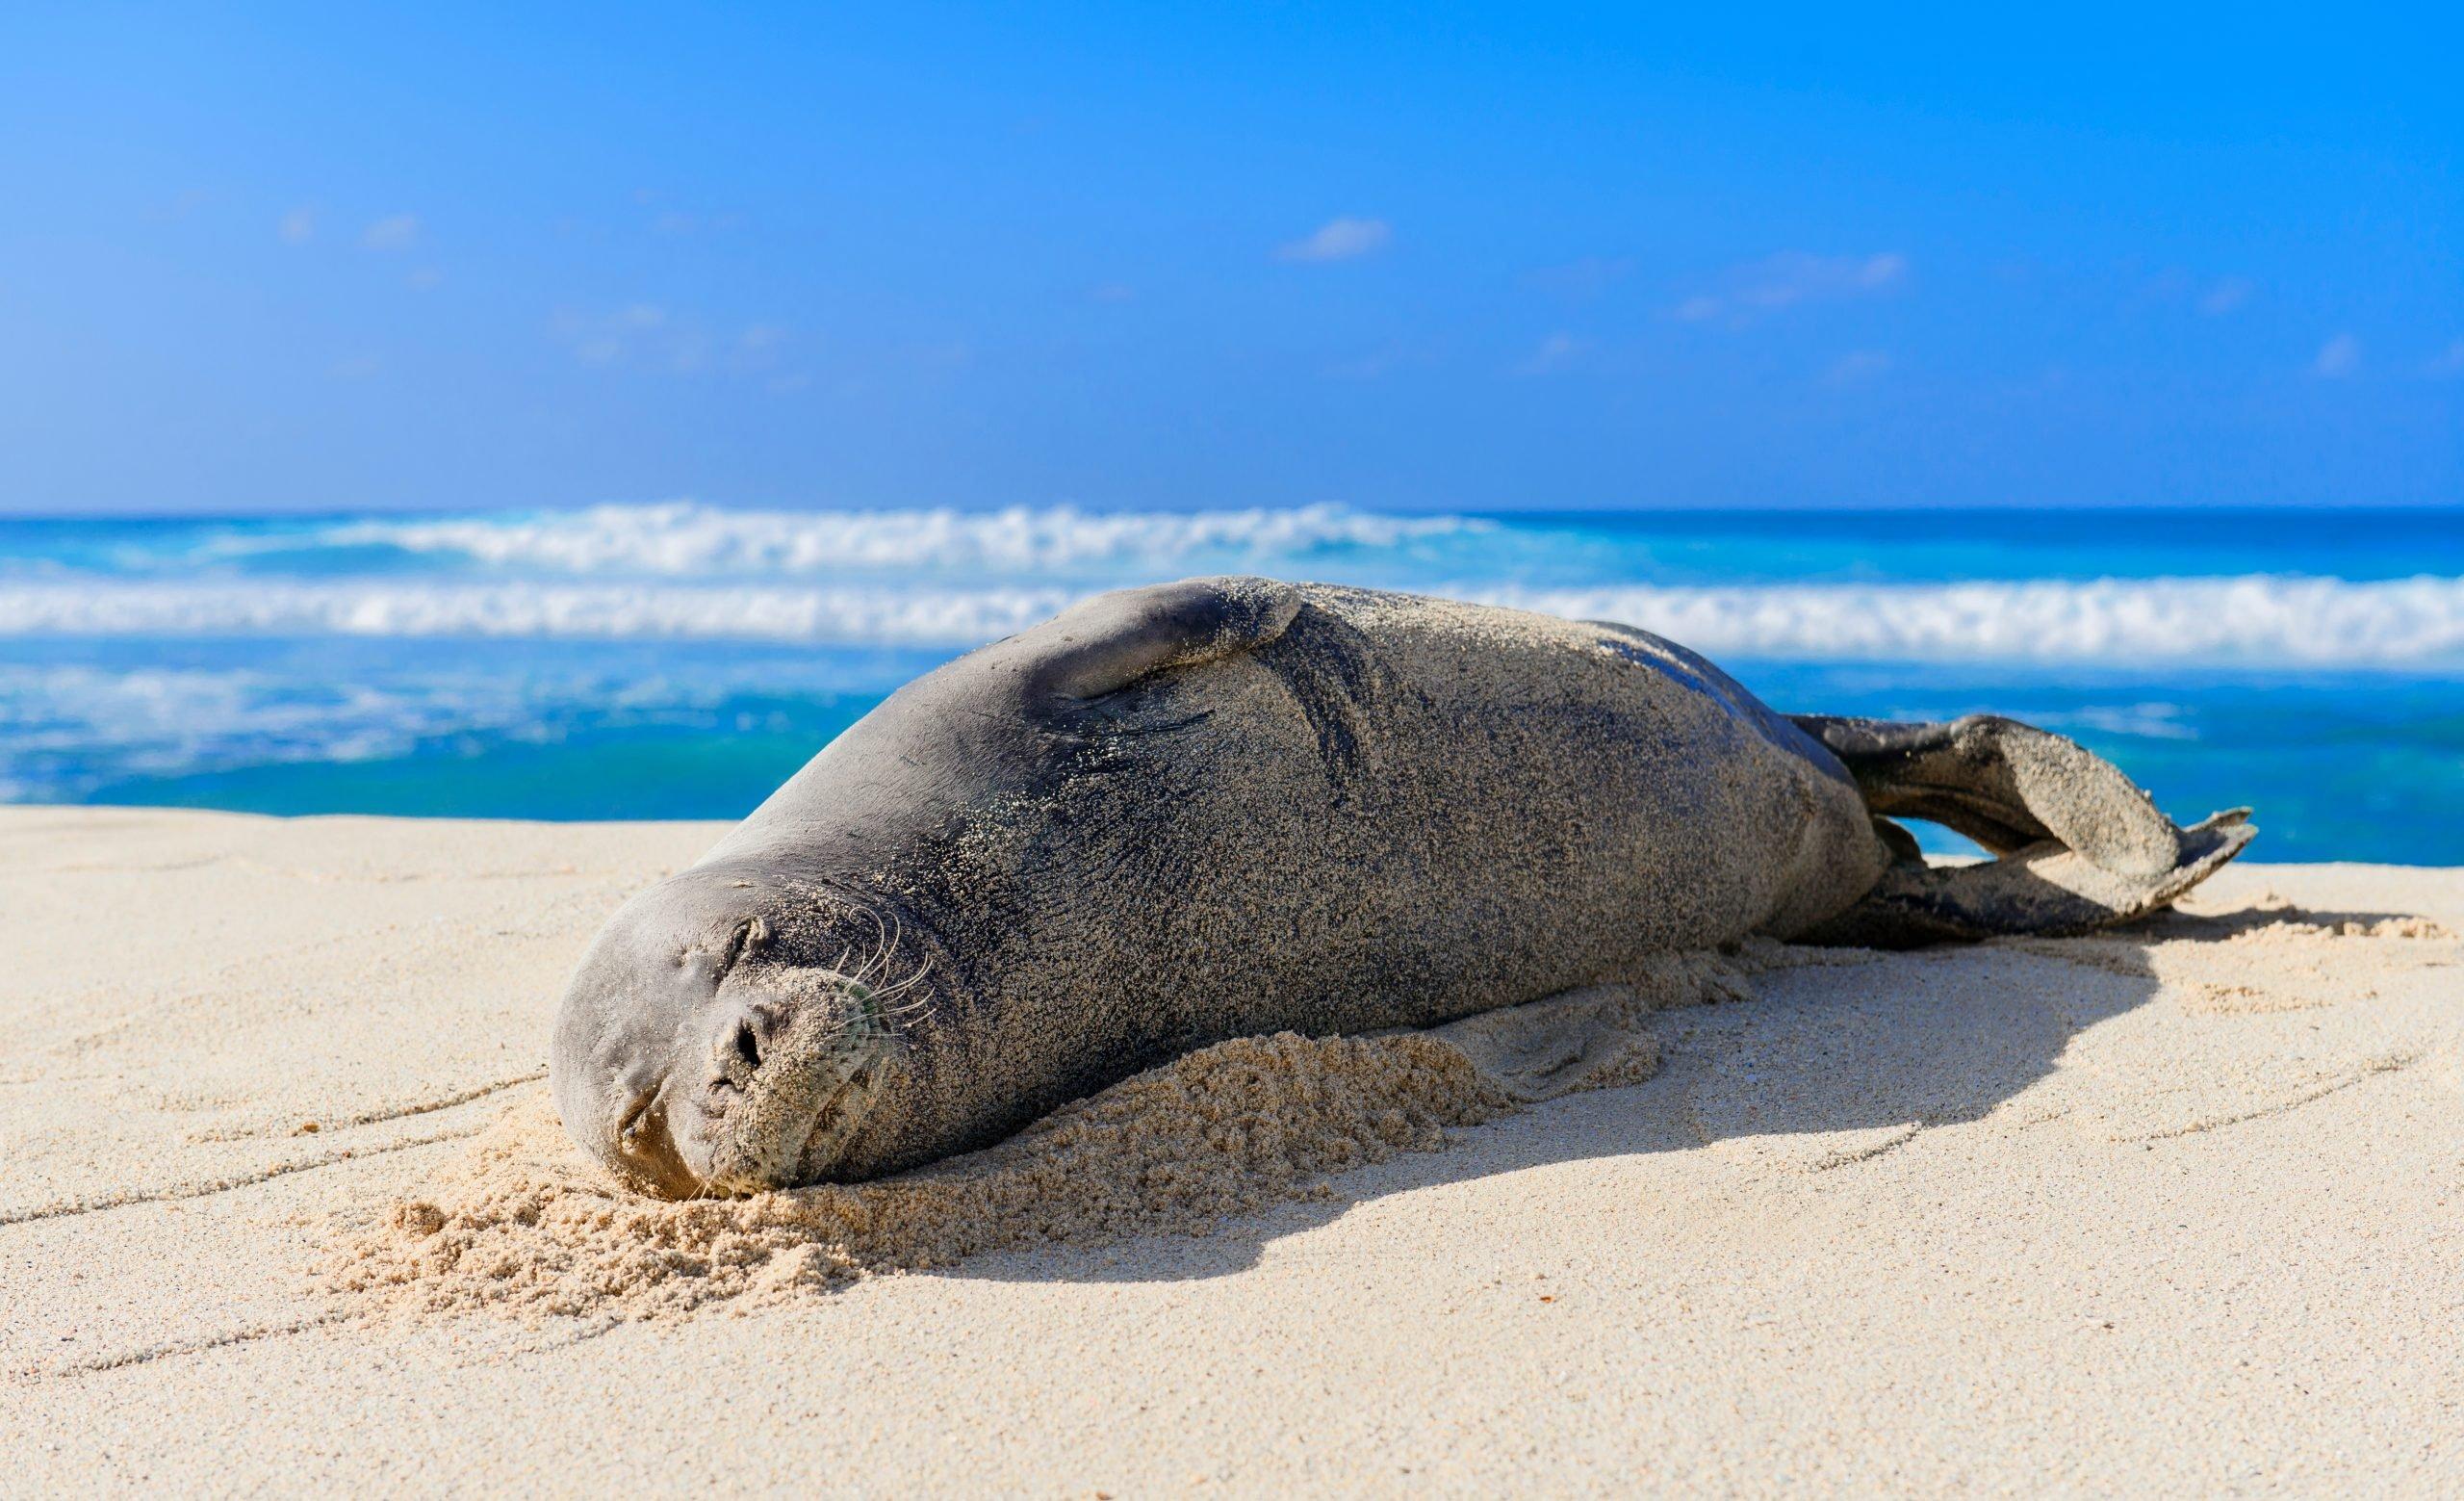 hawaiian monk seal on a beach